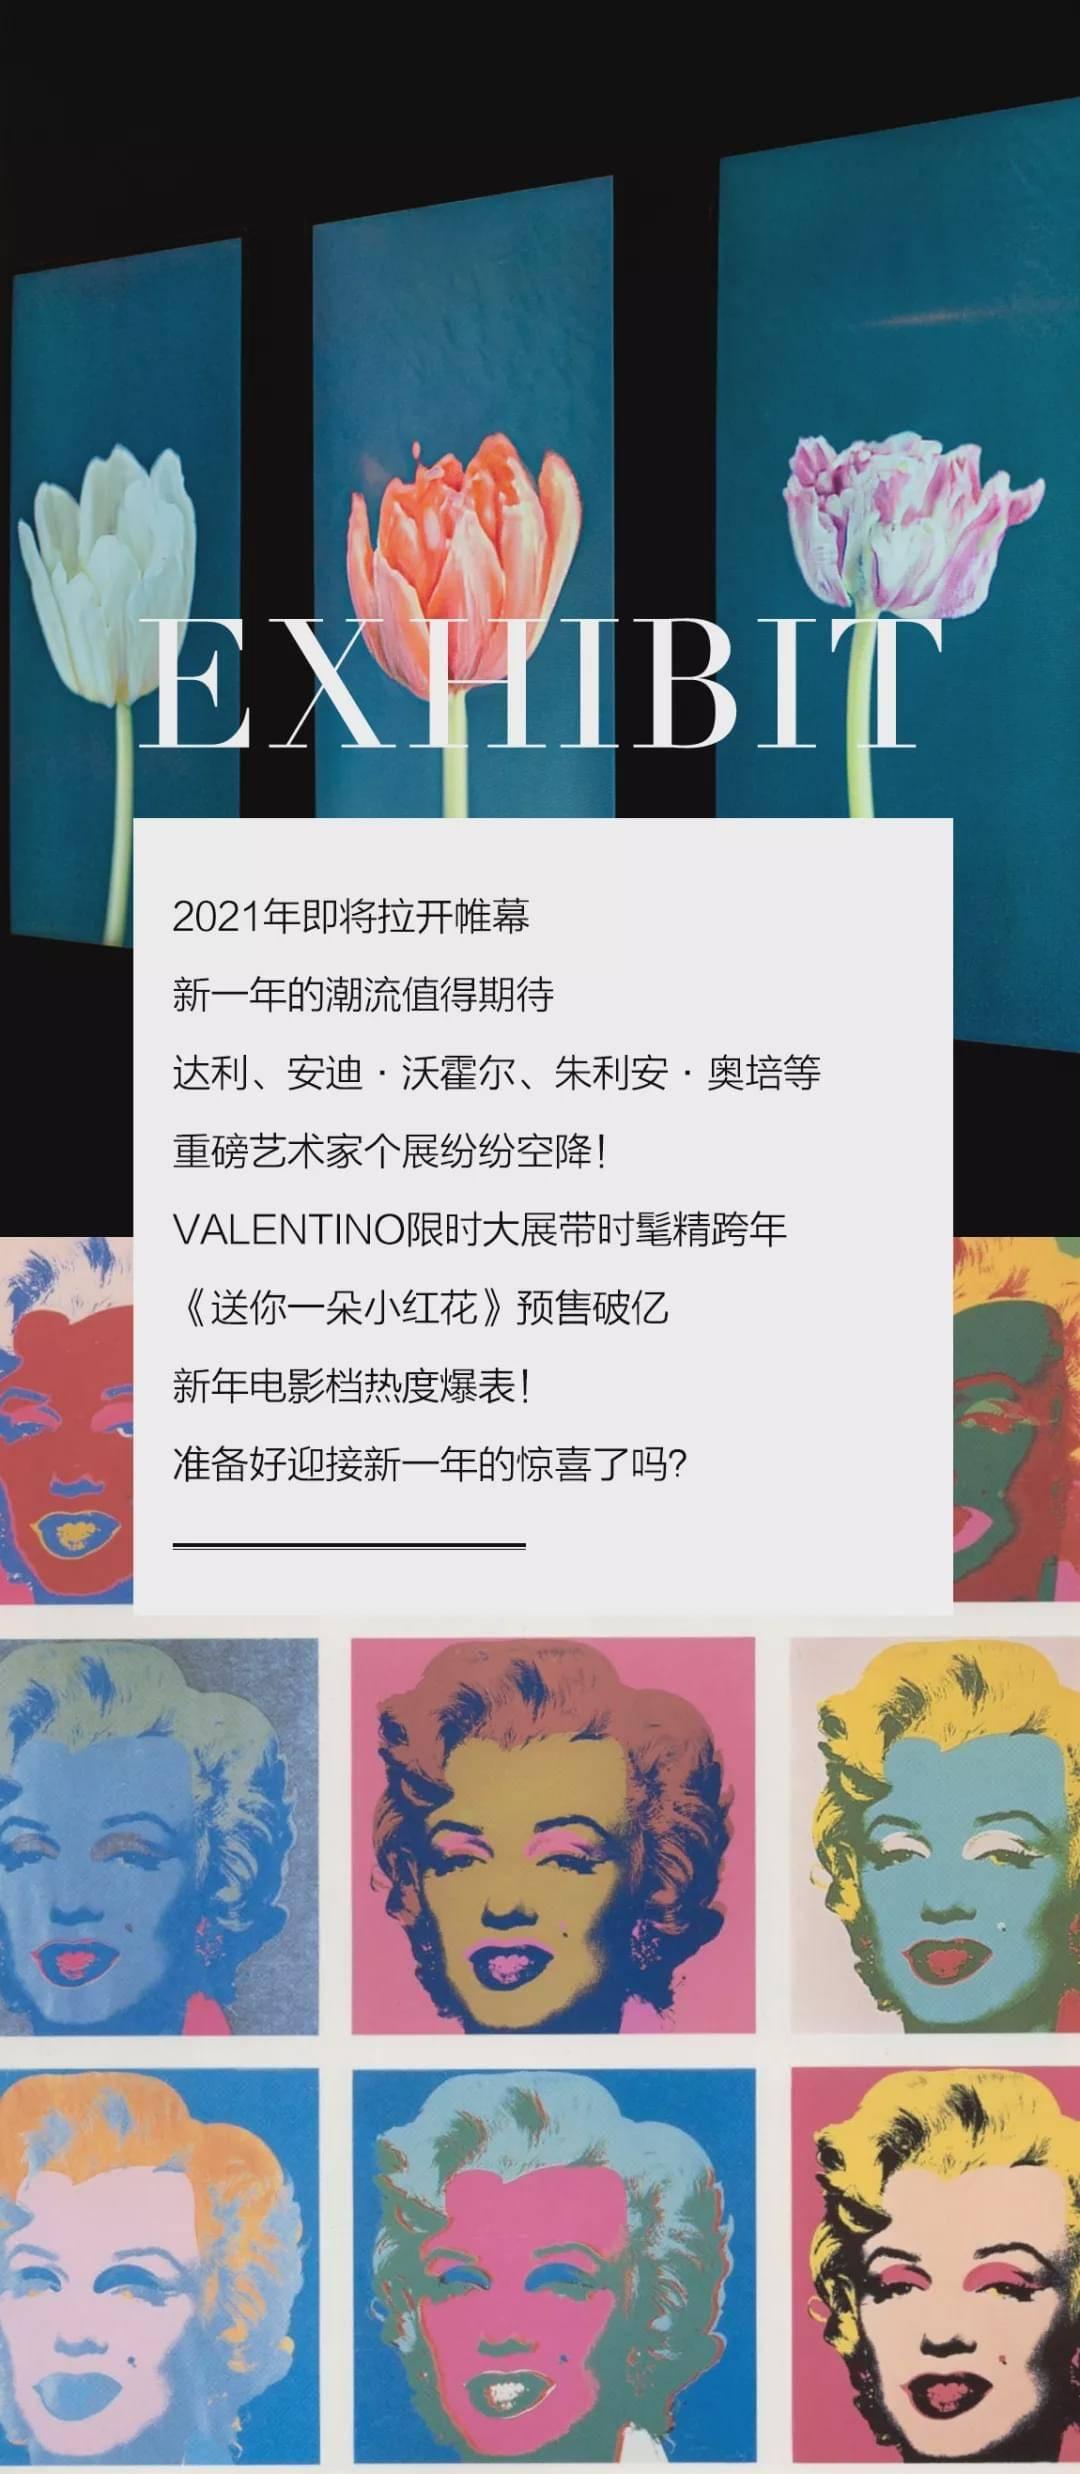 新年展览活动图鉴,达利、安迪·沃霍尔个展重磅来袭!_票价